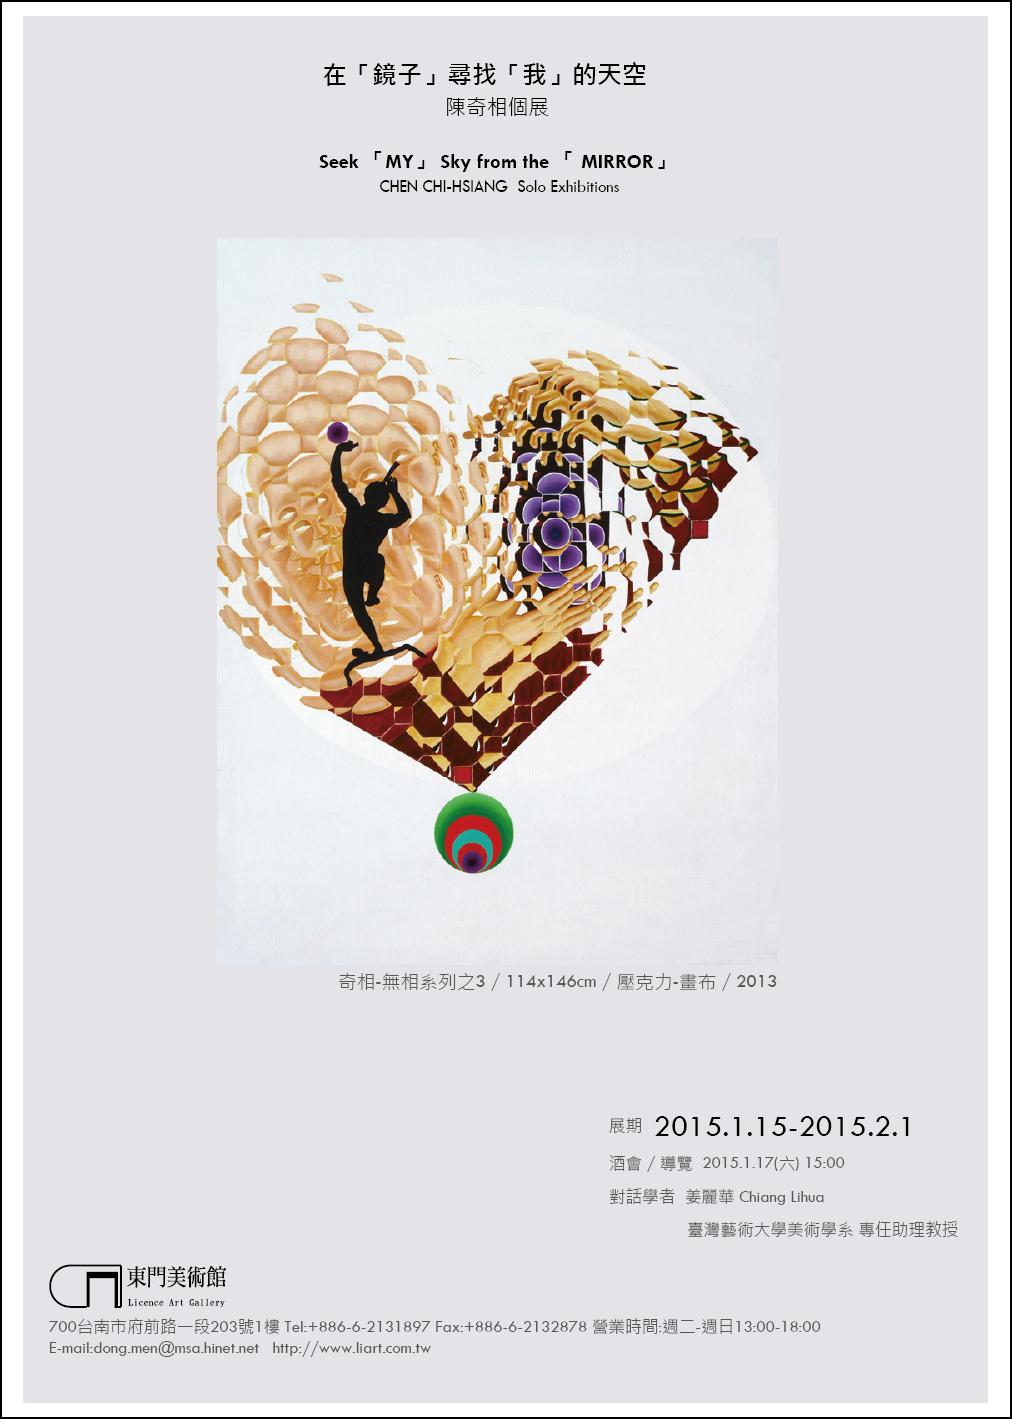 2015 東門-2014-1月-陳奇相-DM